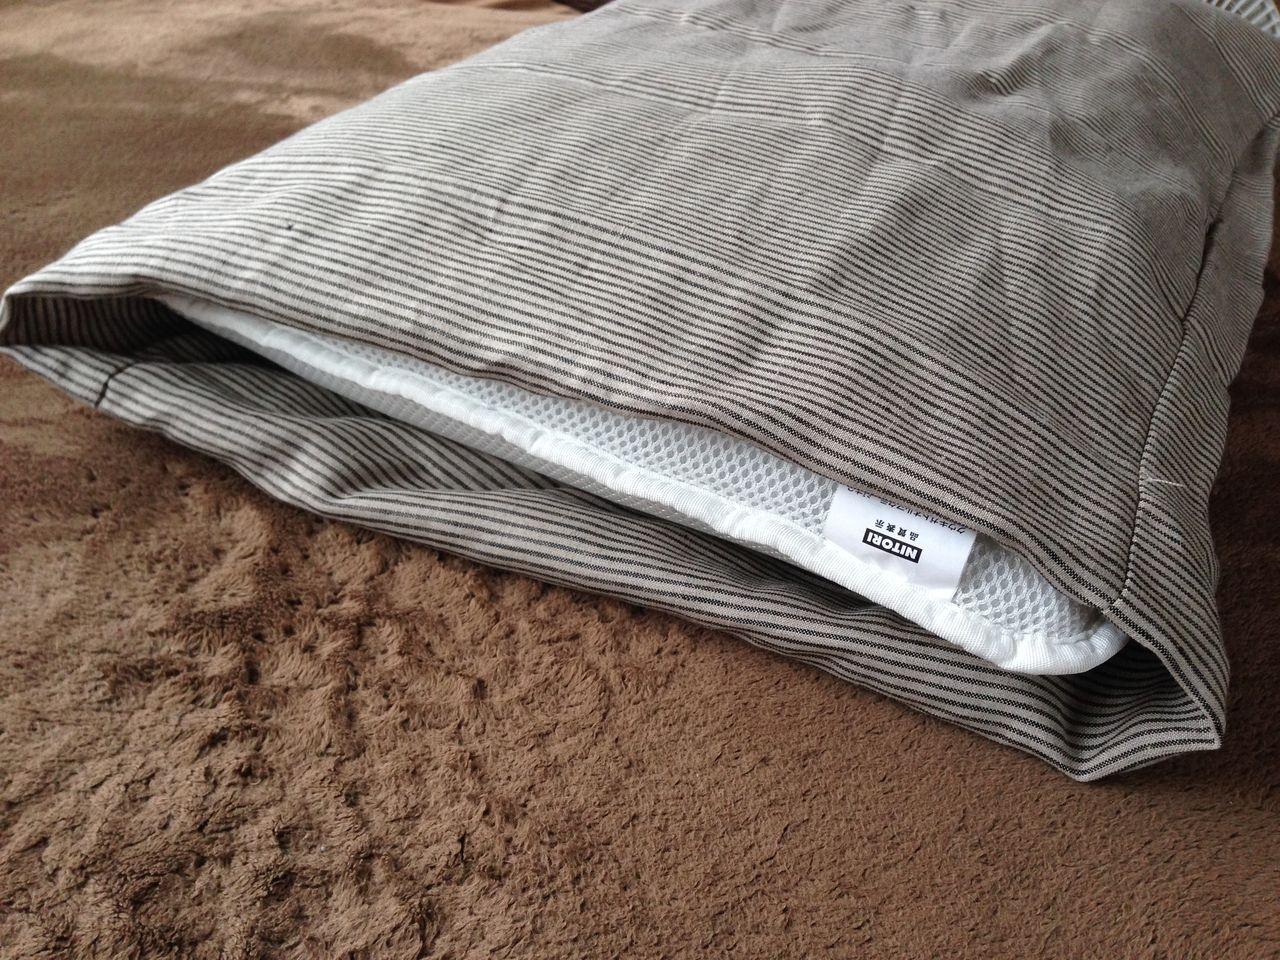 こんな間違った折り込み方をしてみたりもしてみたりもしました。 枕とサイズがピッタリになったのでこれでOKかと勝手に思ったりしましたけど、これは違う><